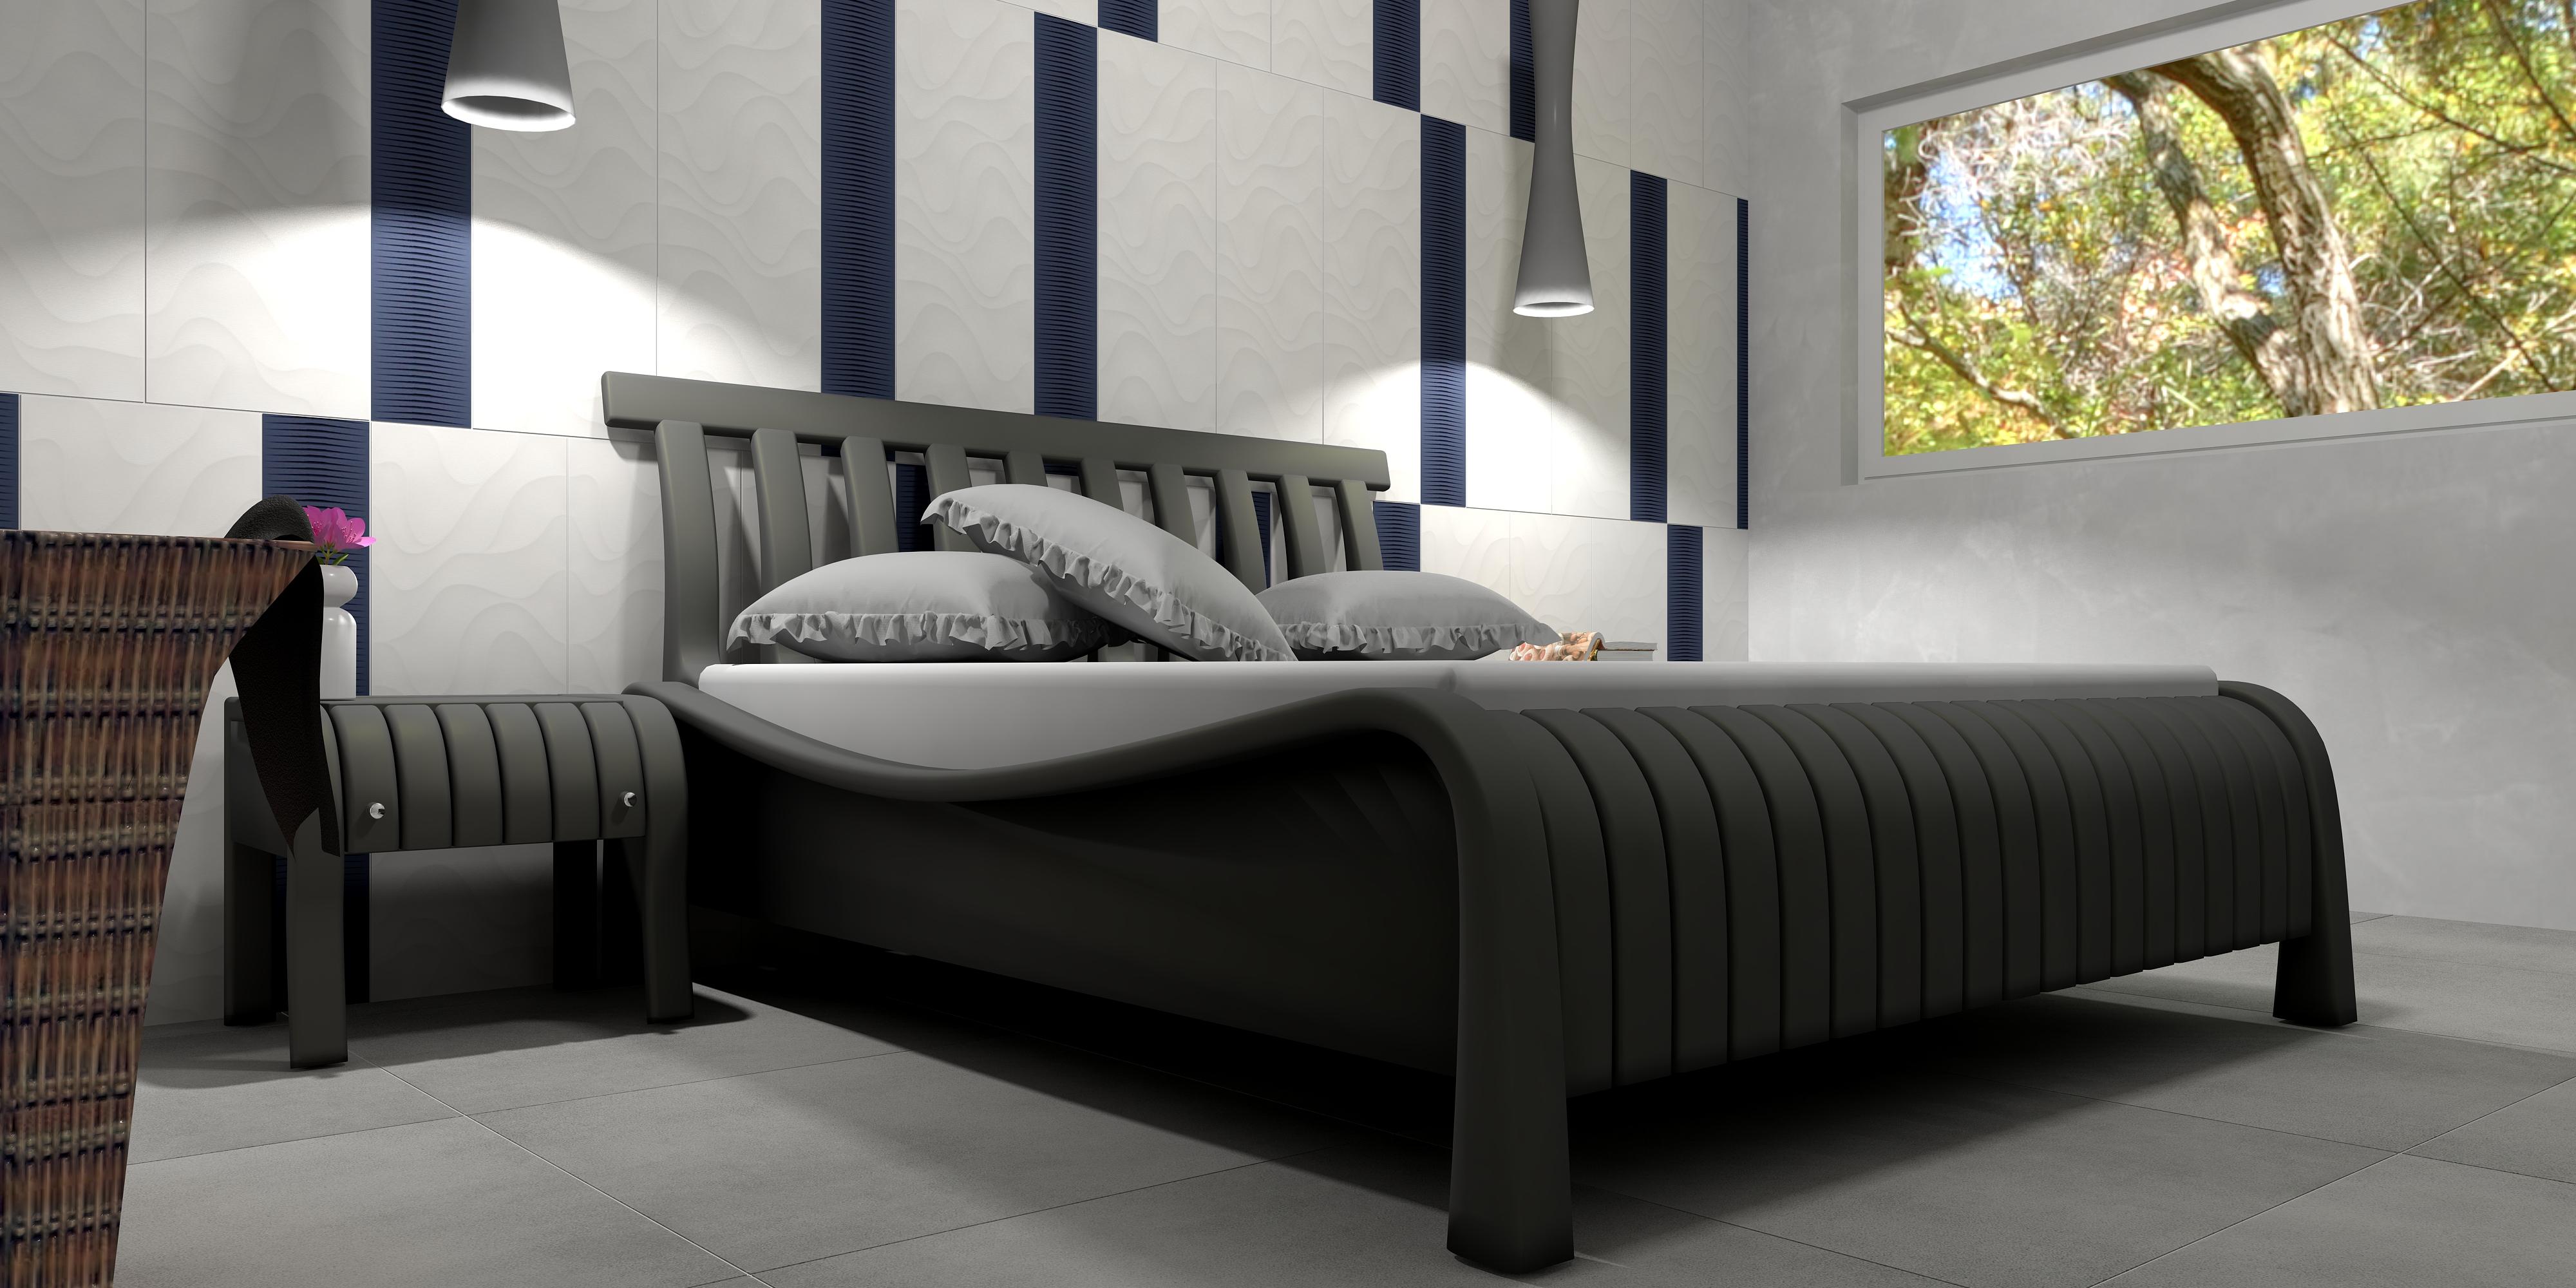 Schlafzimmer 2 livingroom by christian schmitt cs - Mobel block schlafzimmer ...